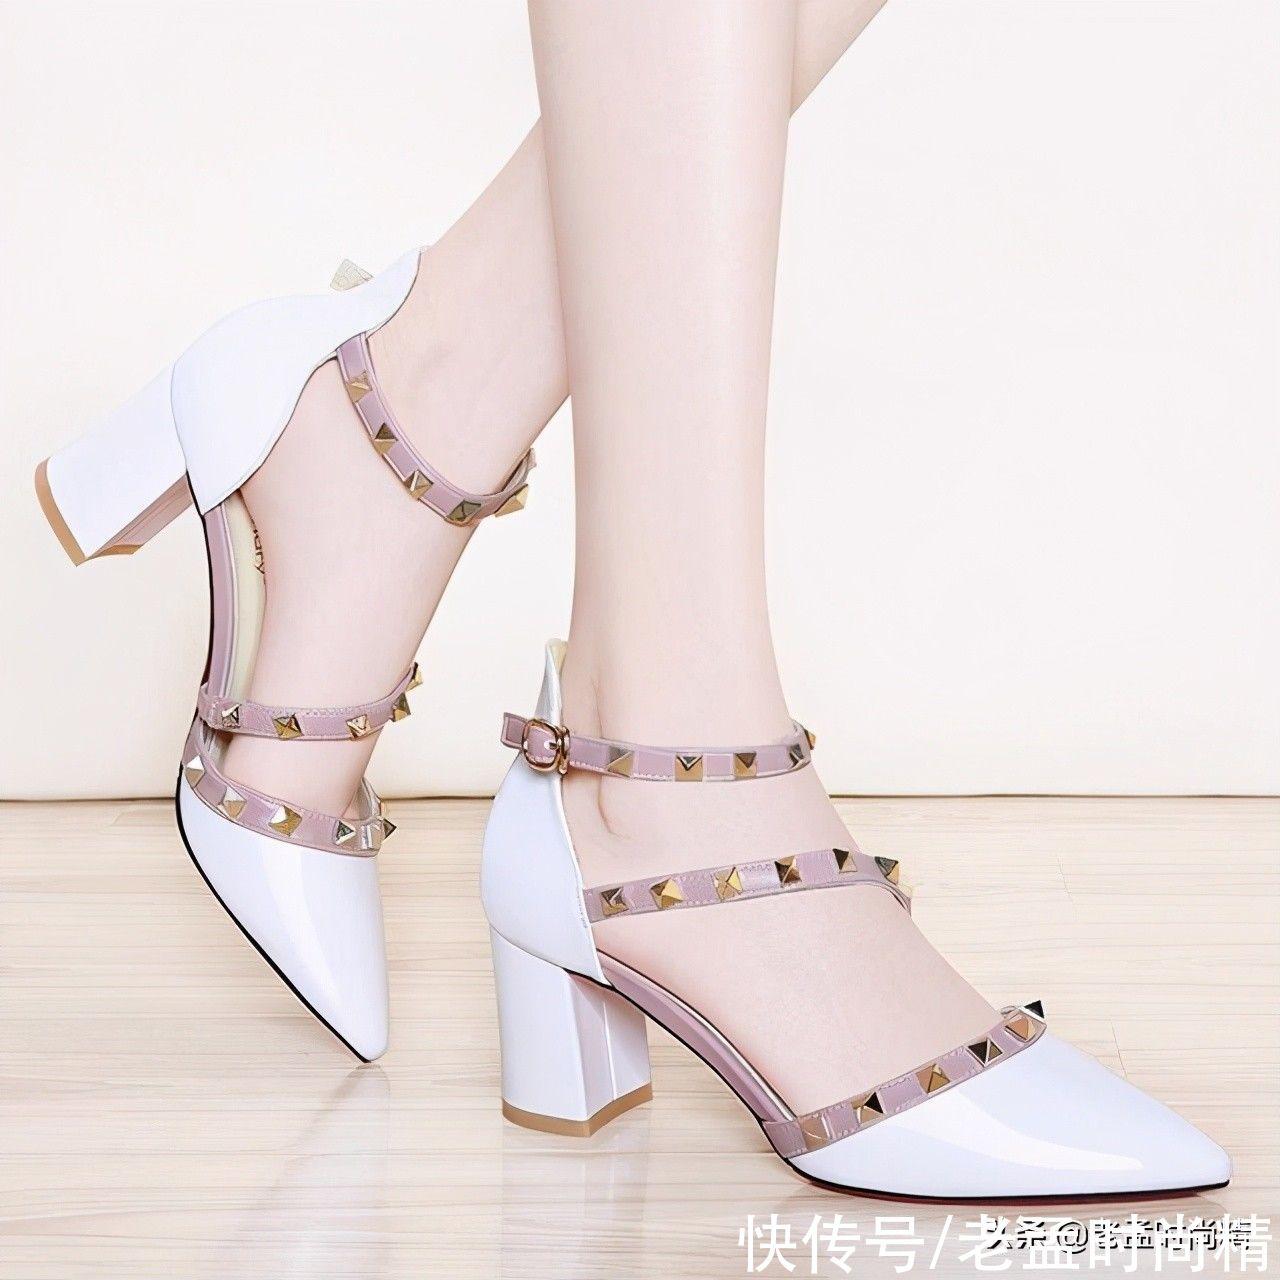 高跟鞋又出新款瞭,每款都是超級的女神